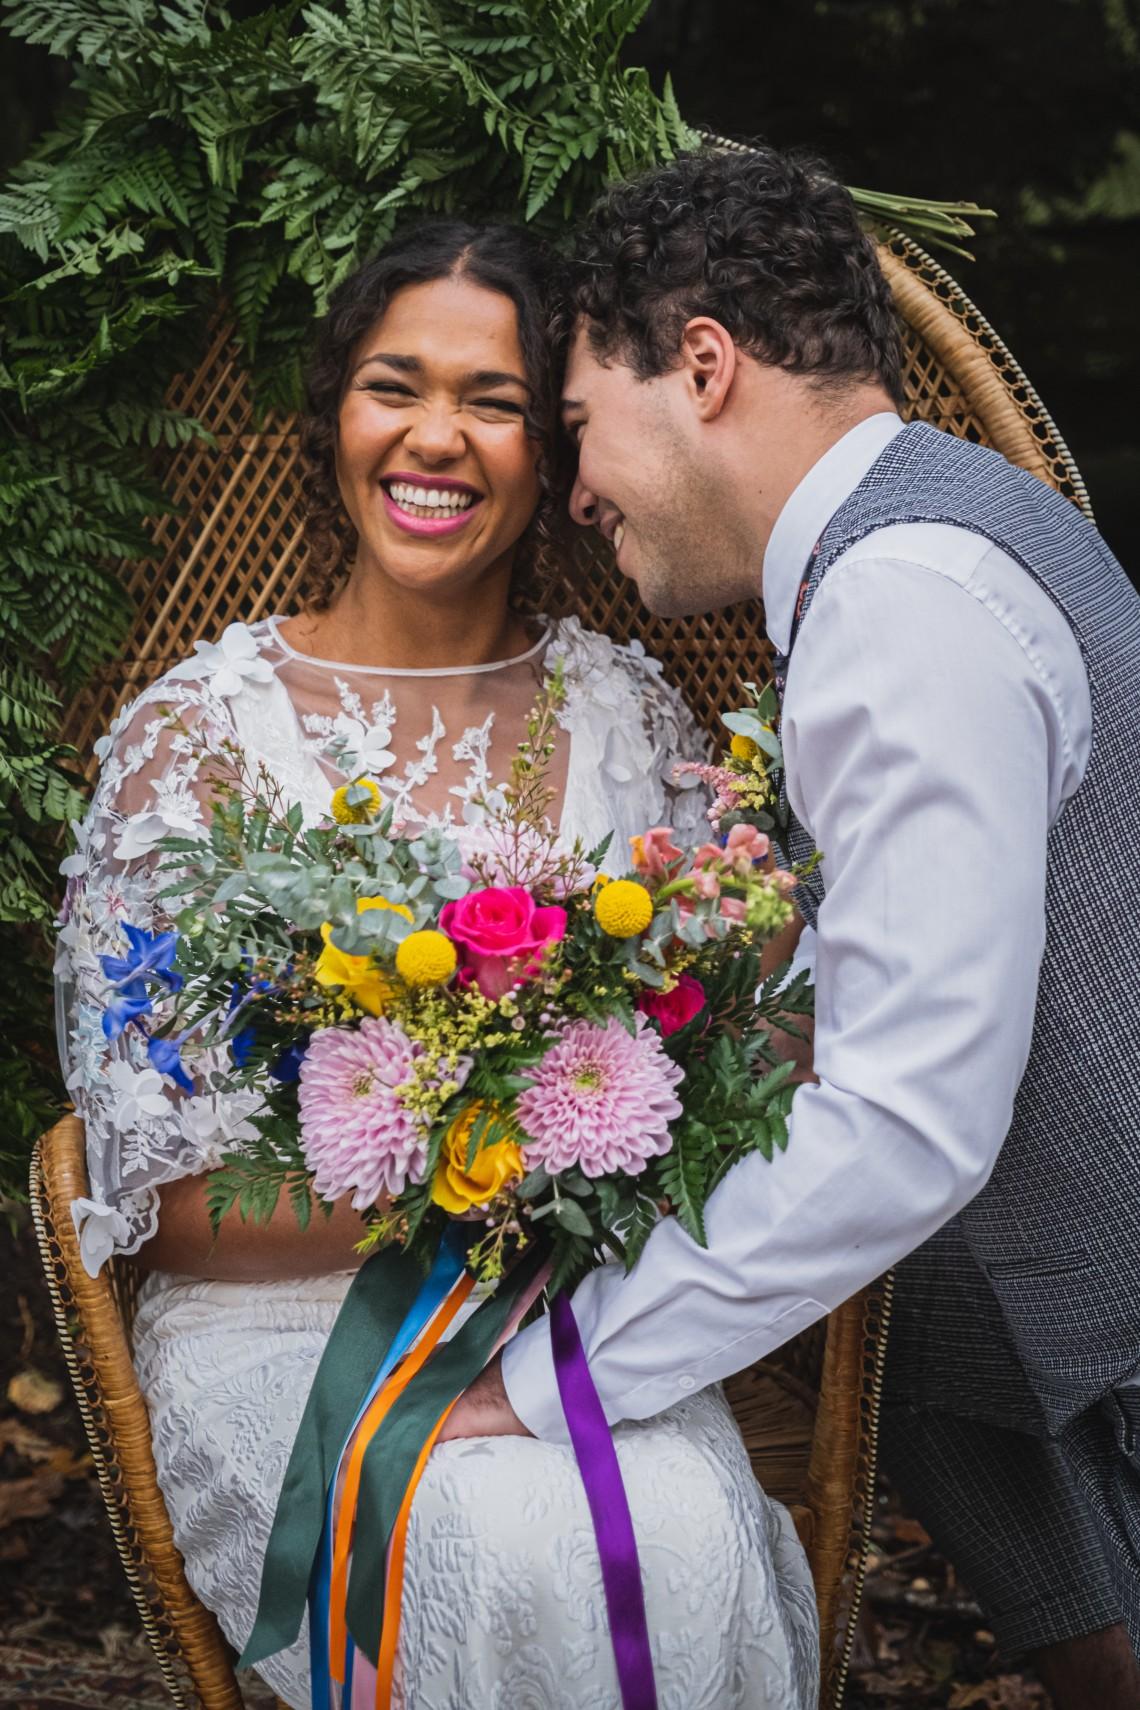 colourful micro wedding at patricks barn - colourful wedding bouquet - boho wedding - fun wedding photos